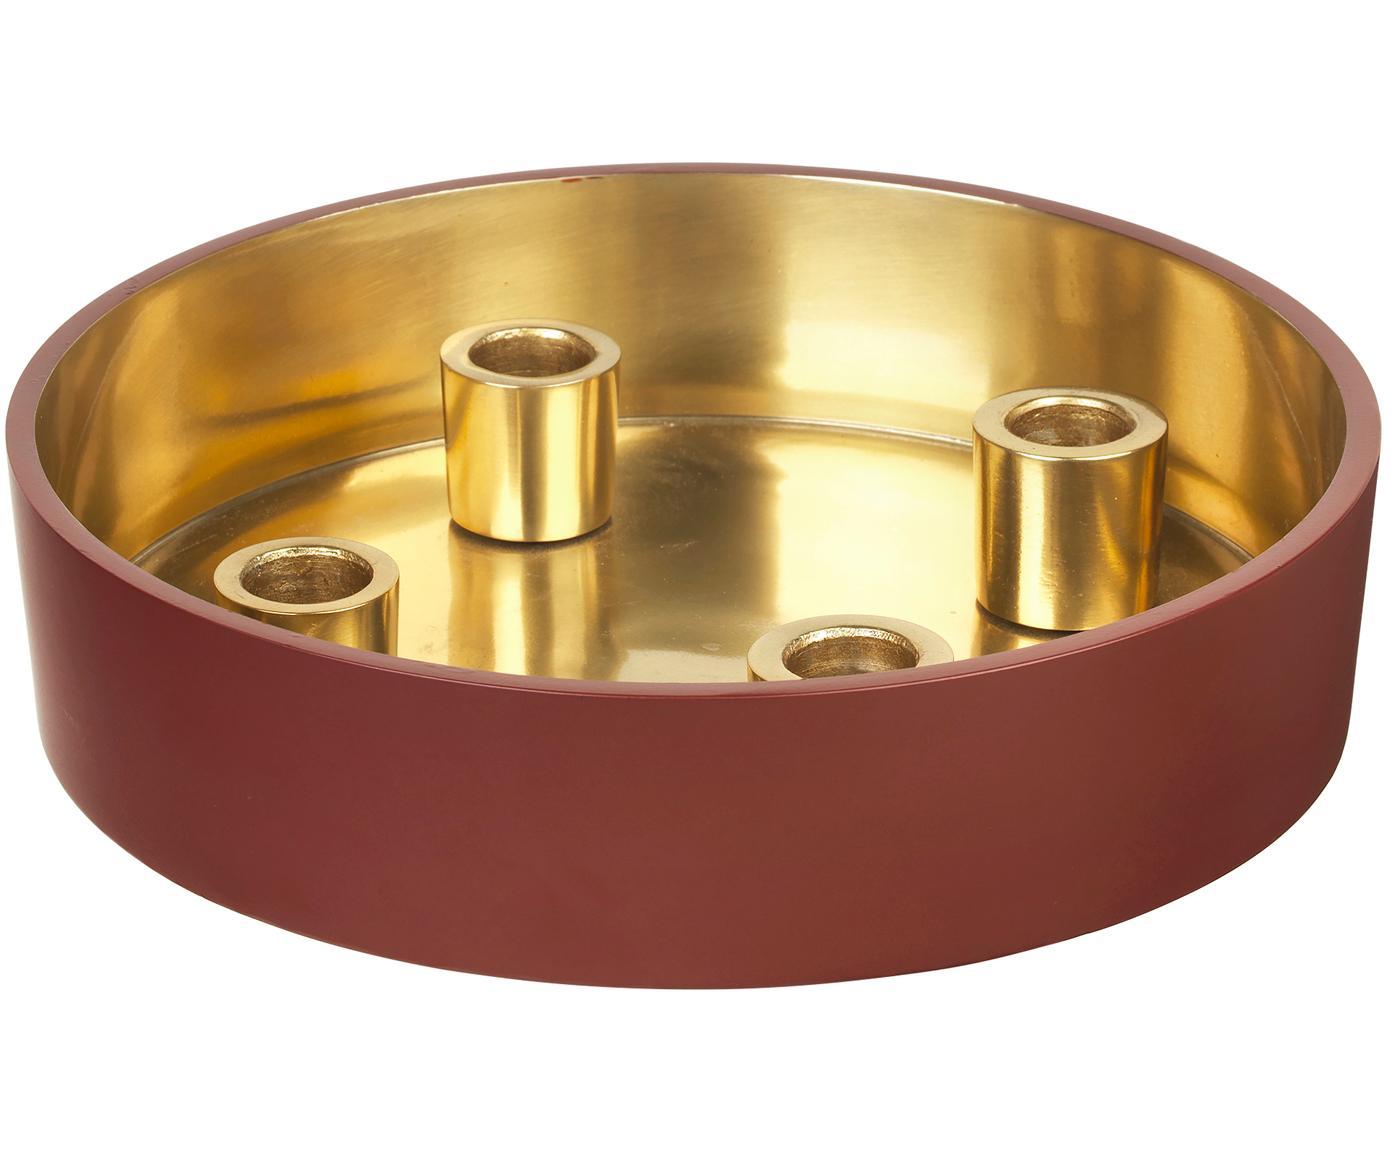 Candelabro Palma, Alluminio, smaltato, Esterno: rosso ruggine scuro Interno: dorato, Ø 23 x Alt. 6 cm